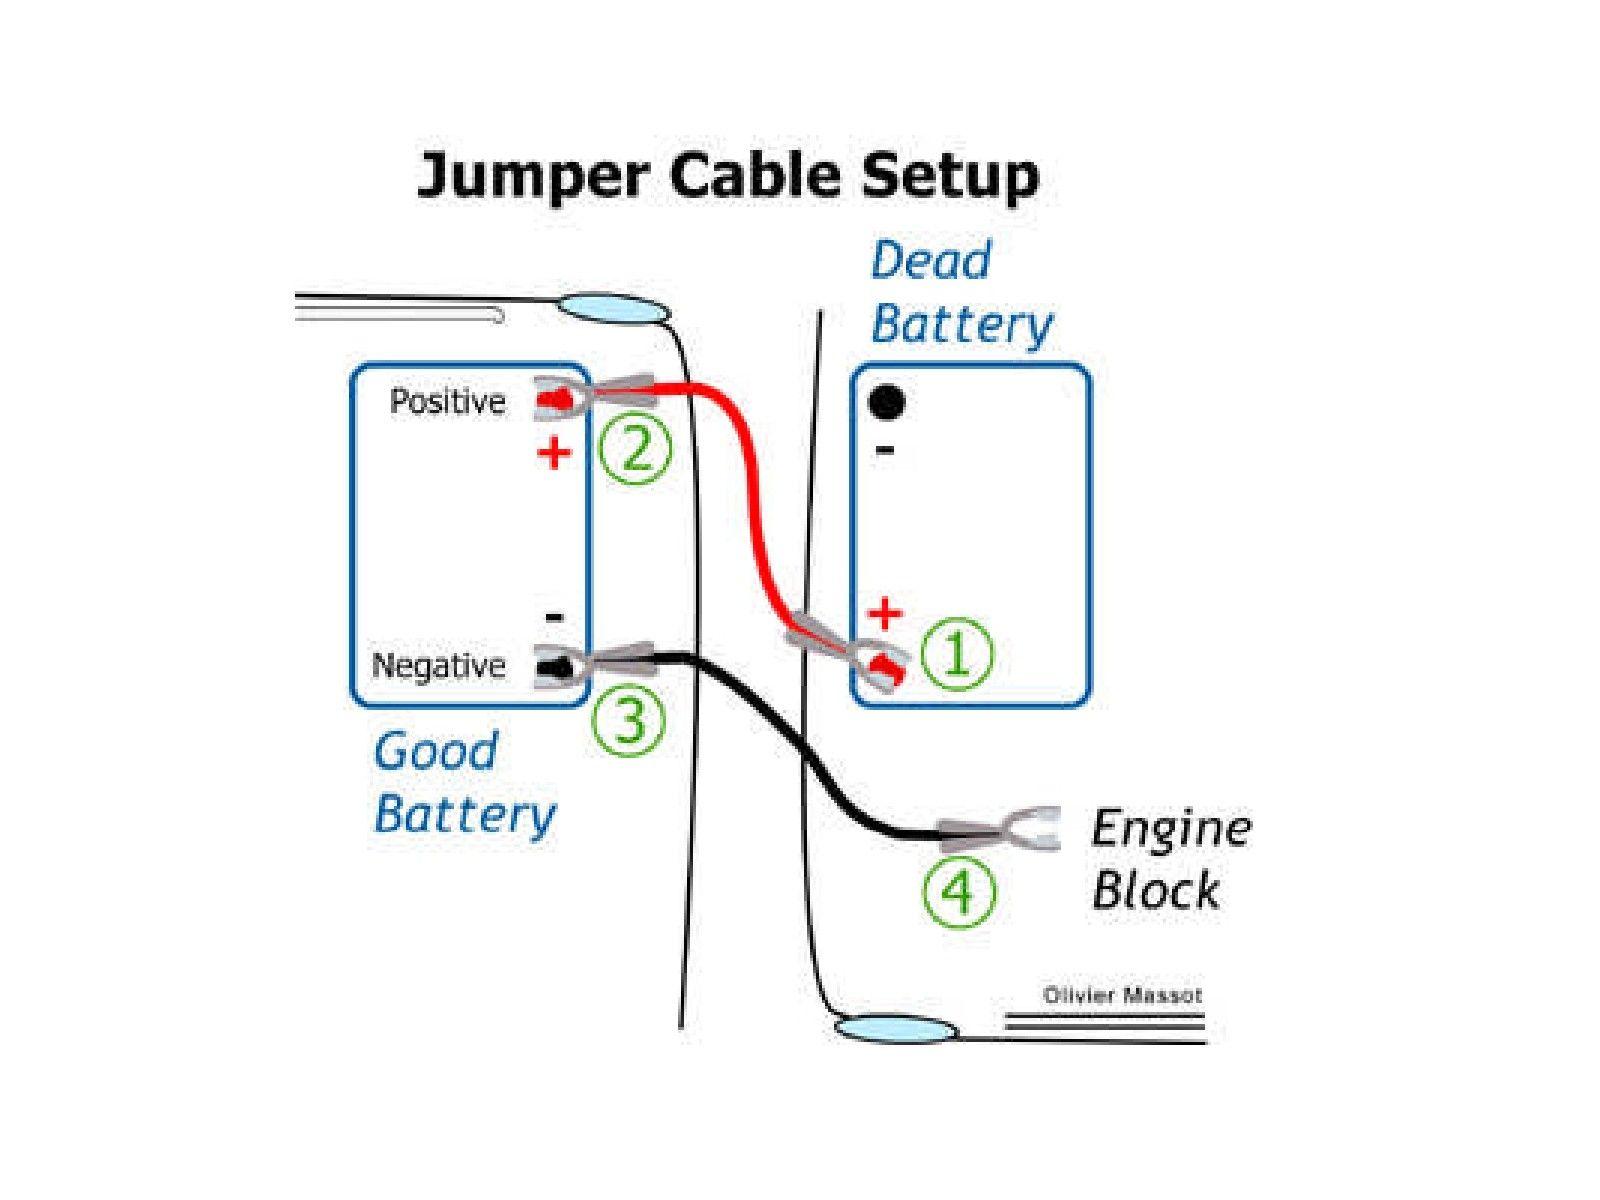 Jumper Cable Diagram Di 2020 Jumper